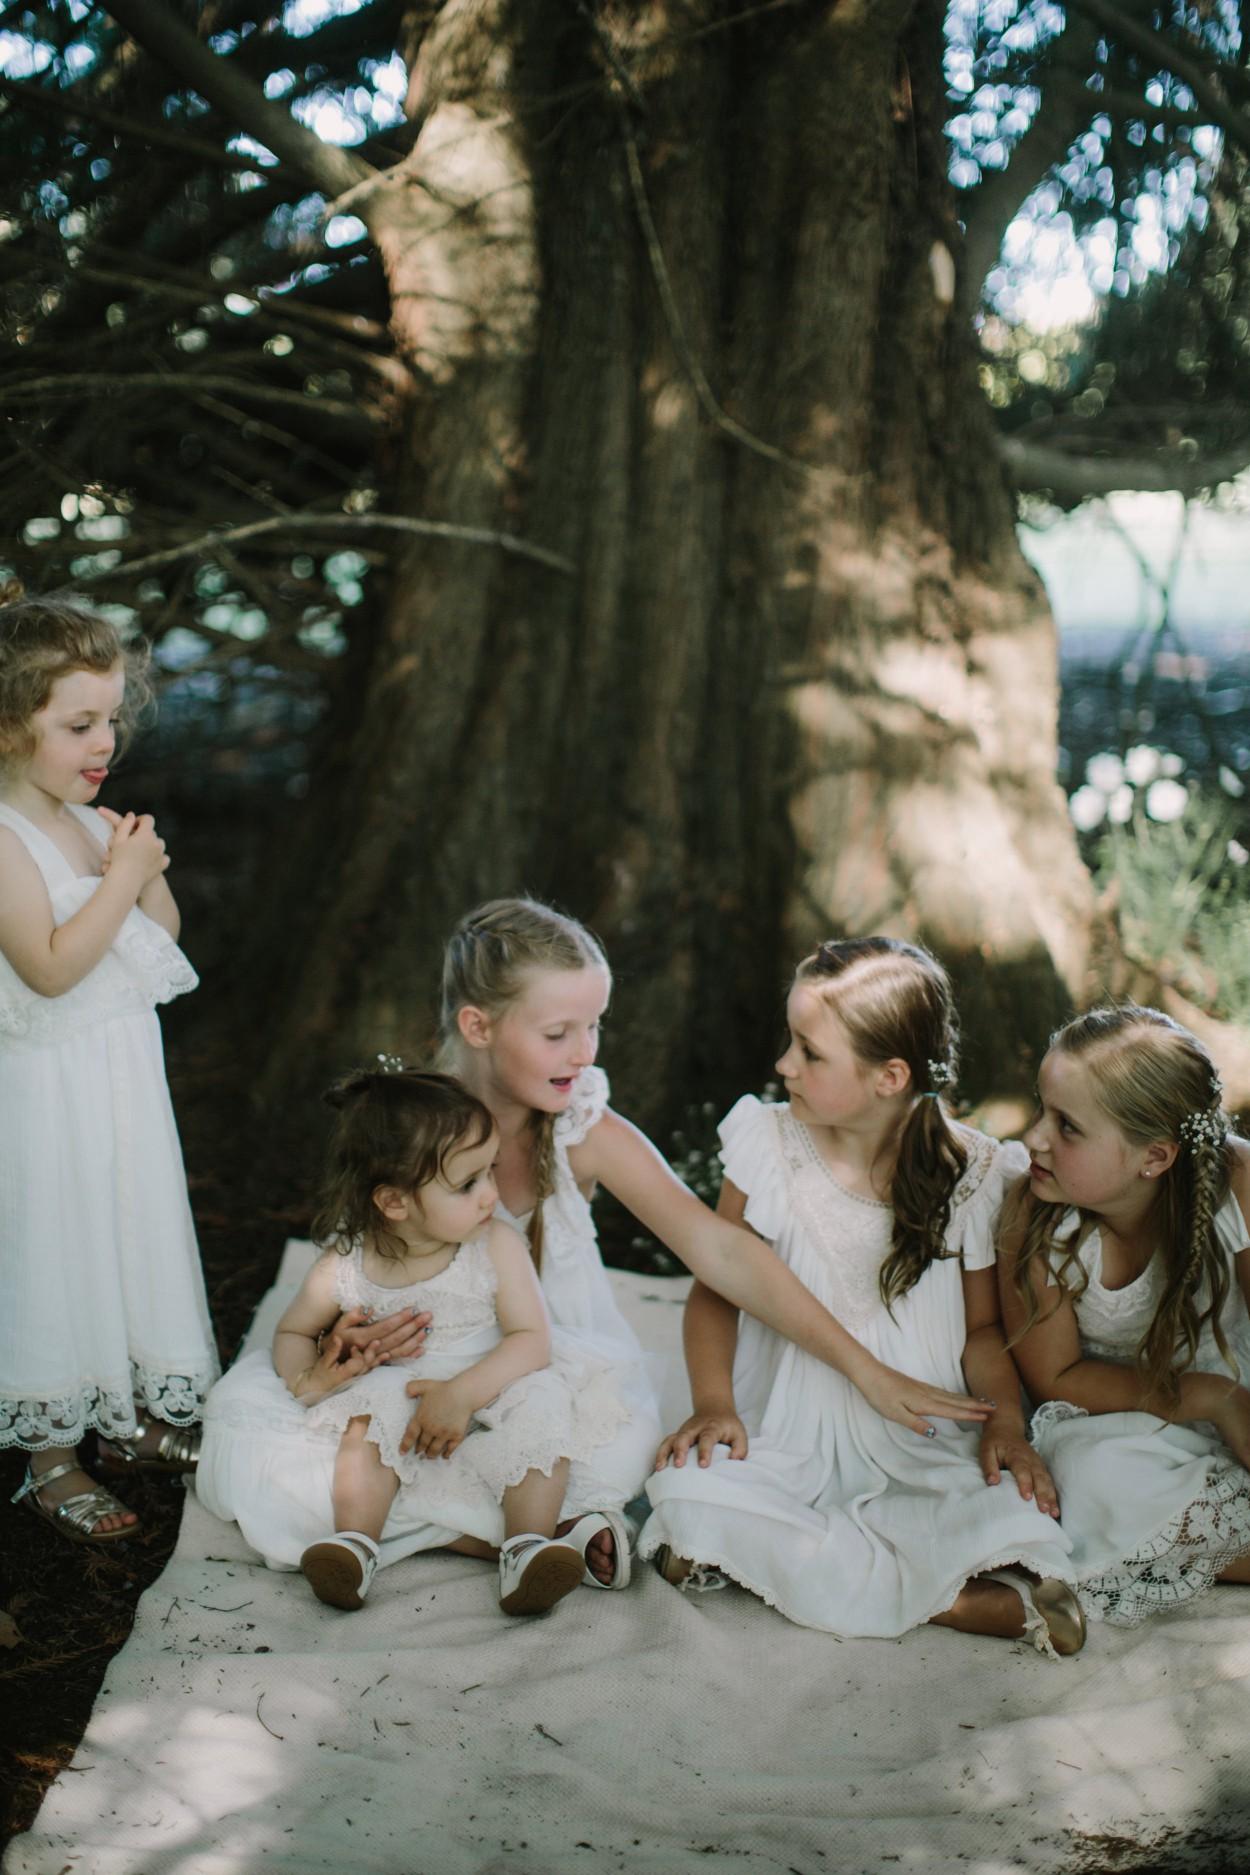 I-Got-You-Babe-Weddings-Hawkes-Bay-NZ-Wedding-Aleisha-Rolly111.jpg